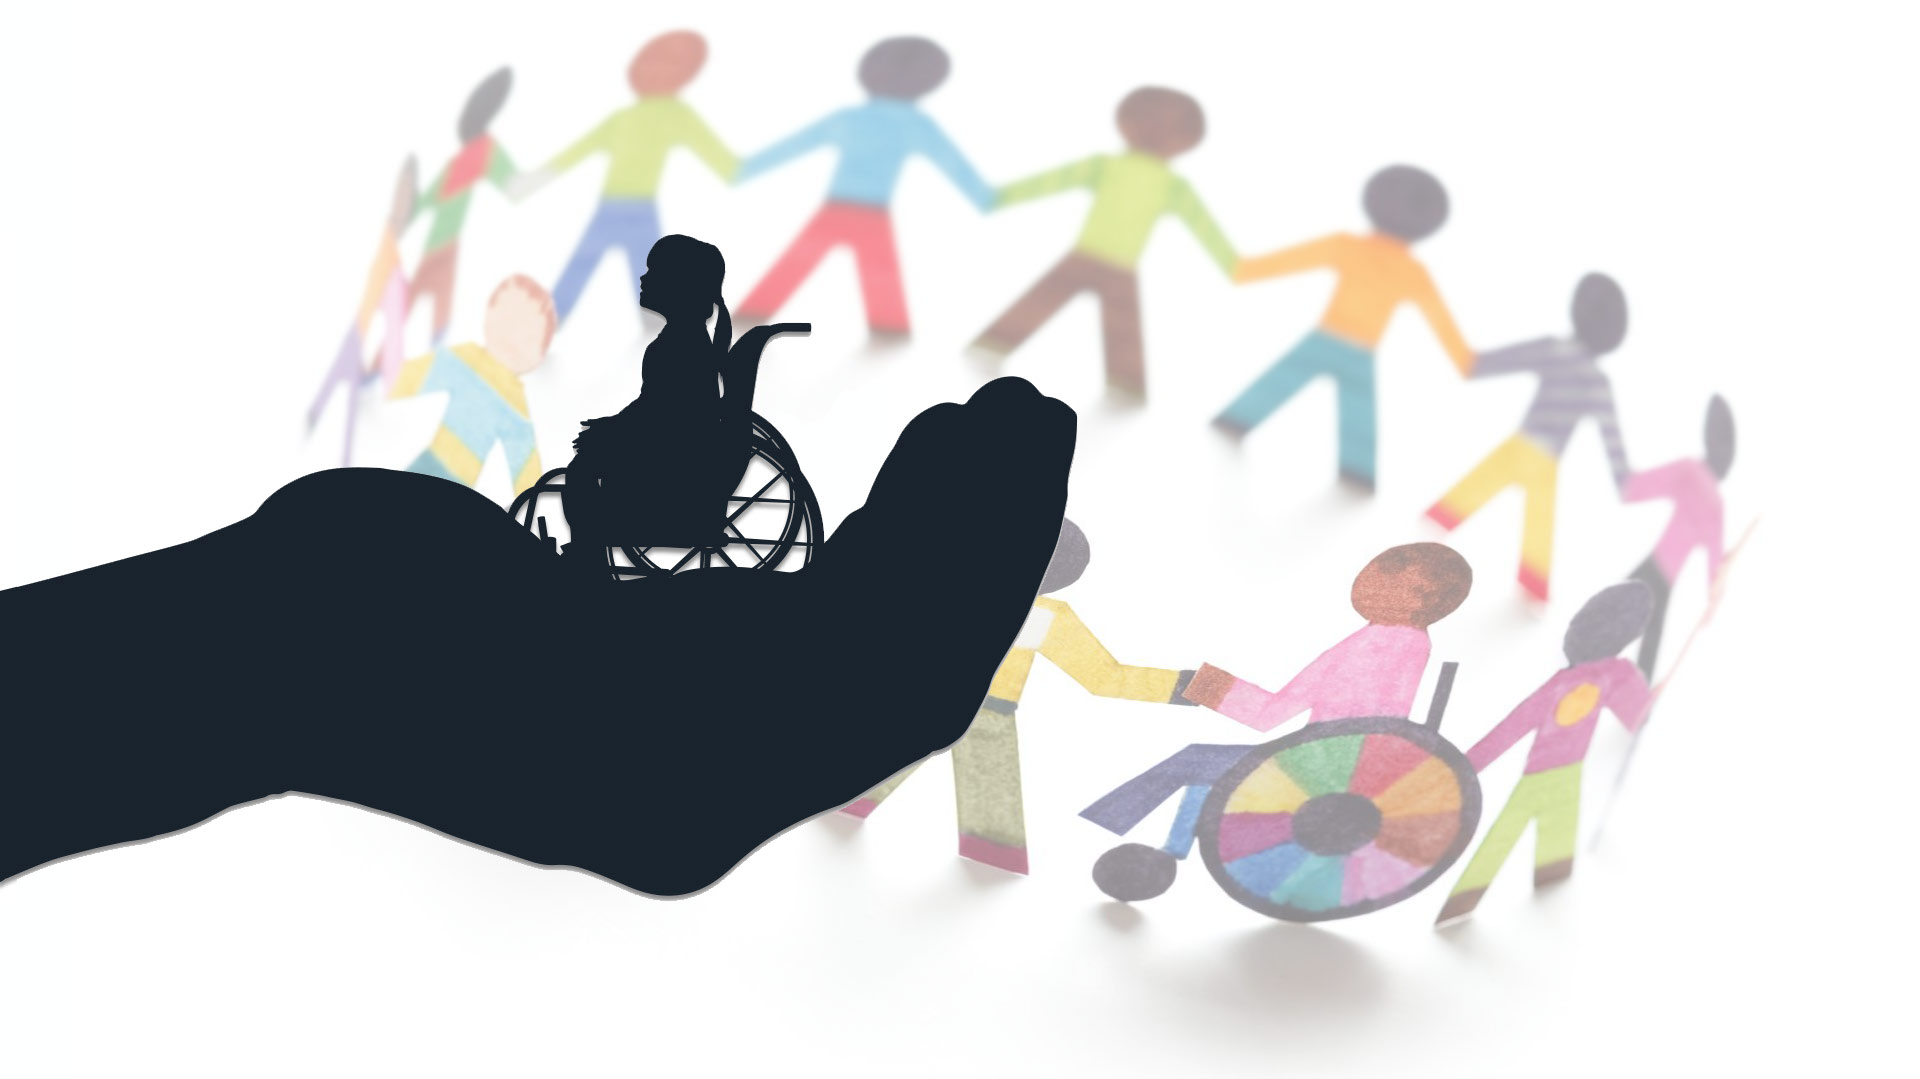 Disabilità: la lunga strada della ripresa.